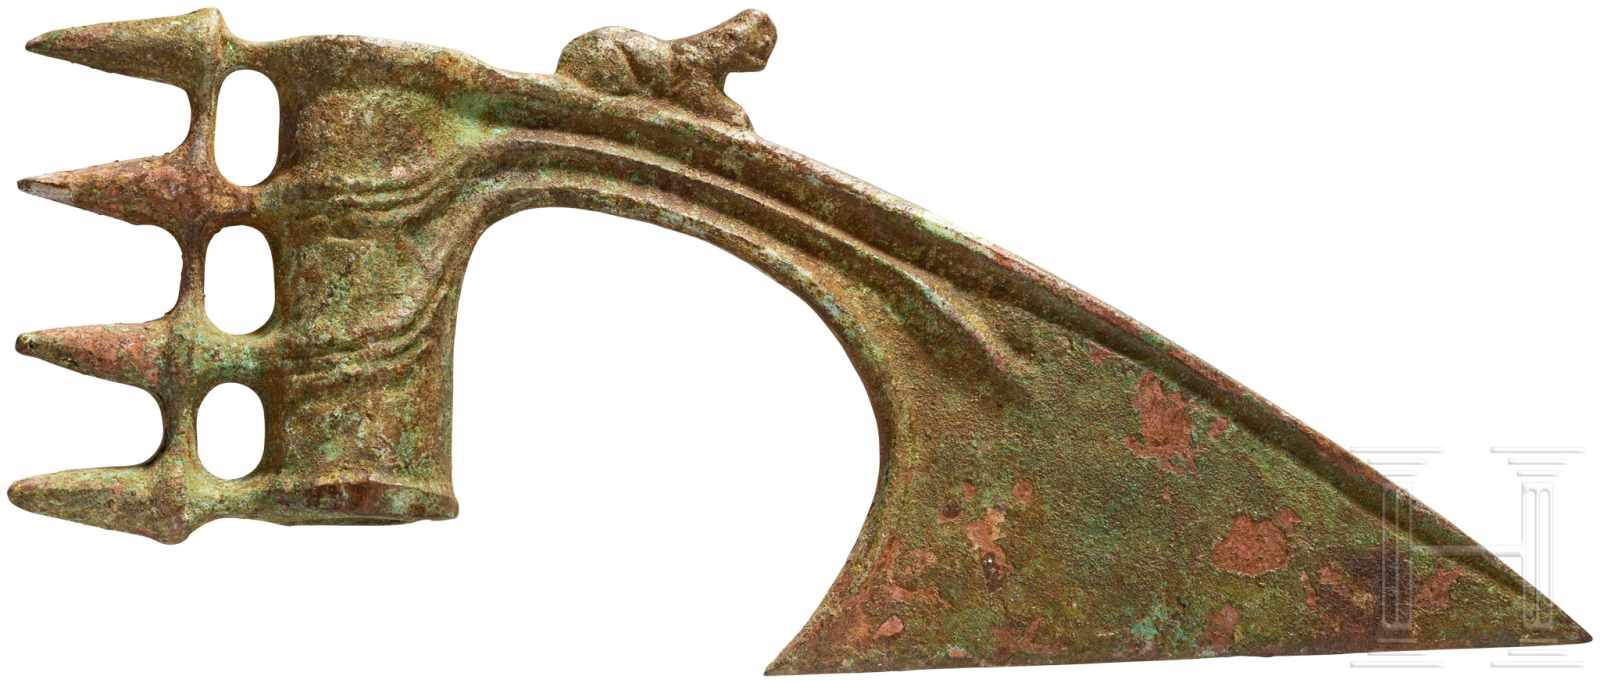 Lot 1619 - Scheinaxt mit Dornen im Nacken, Luristan, Eisenzeit I, 12. - 10. Jhdt. v. Chr.Die röhrenförmige